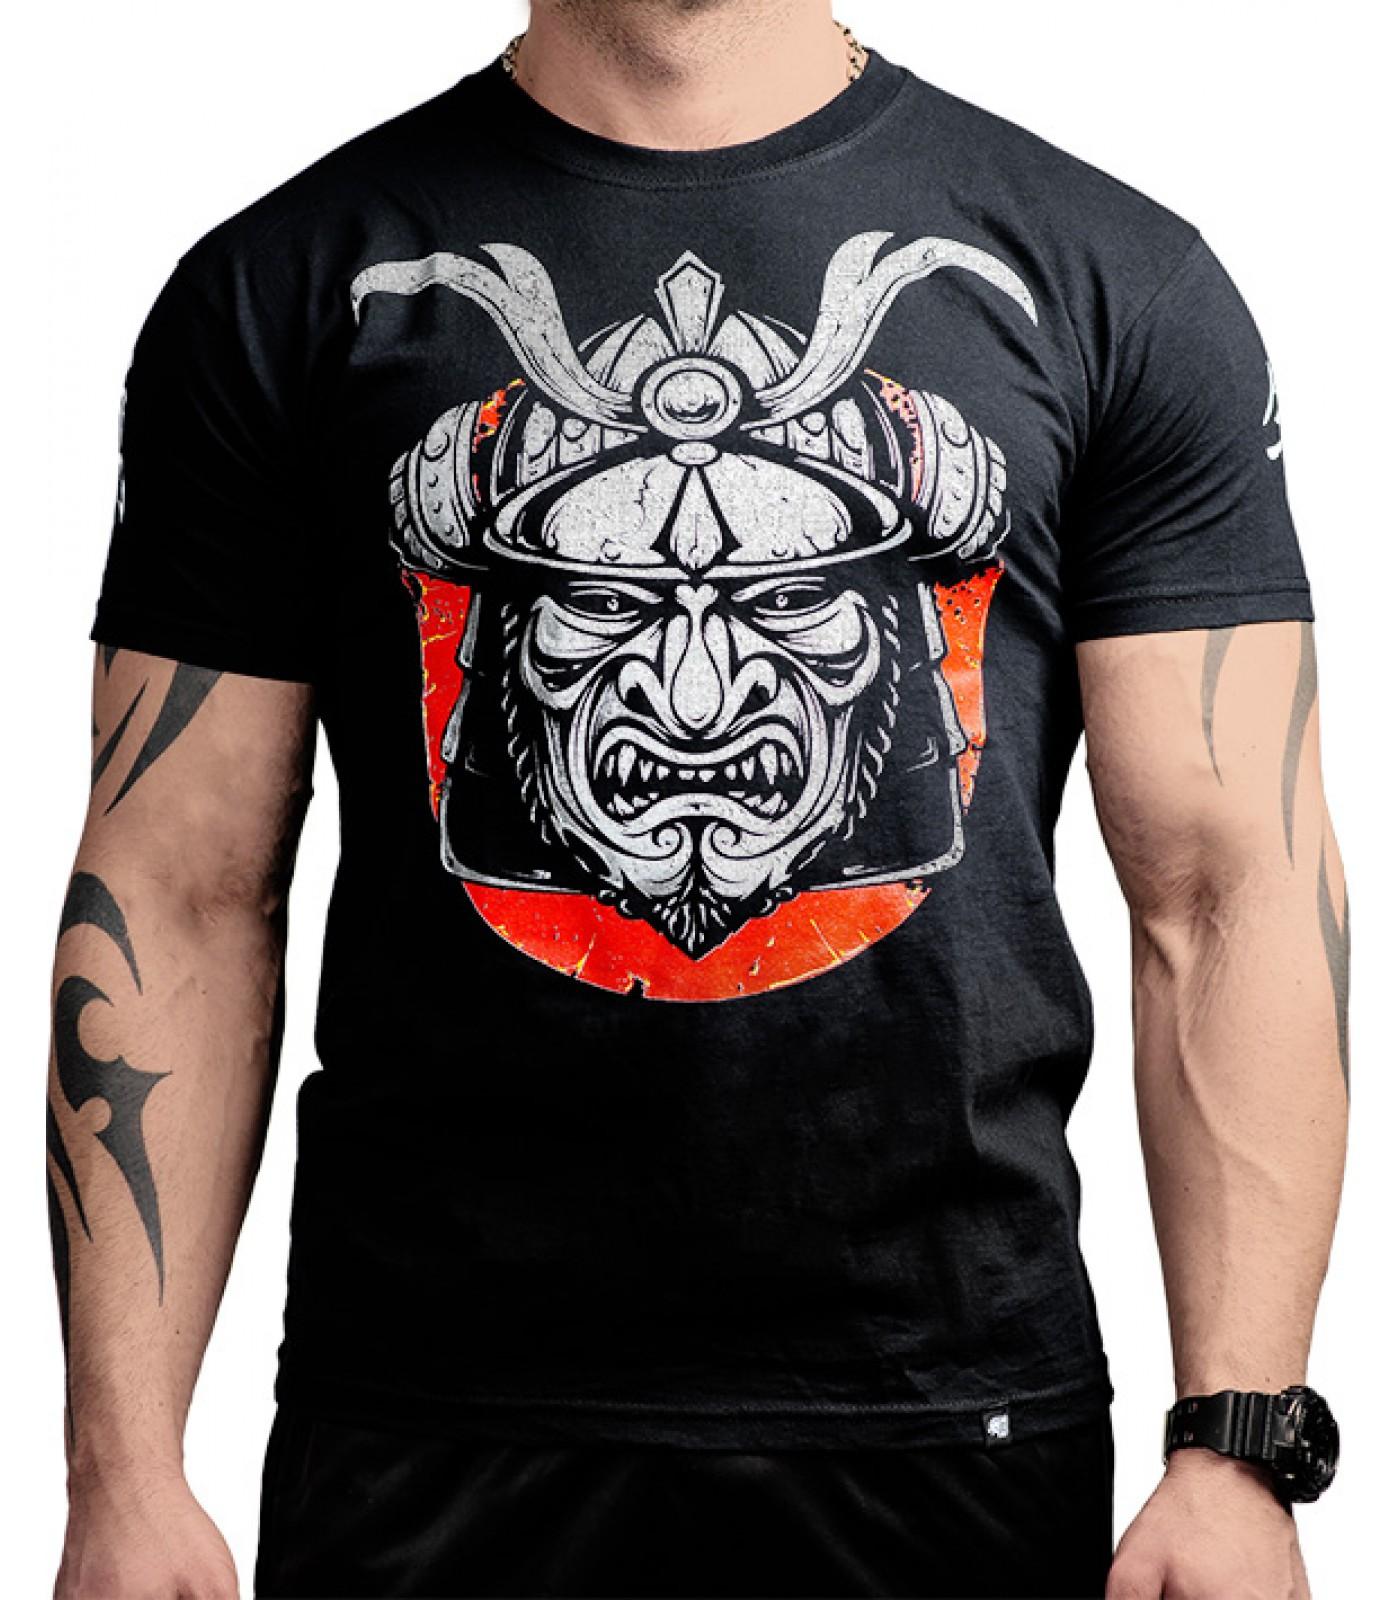 Dominator - Тениска - Samurai